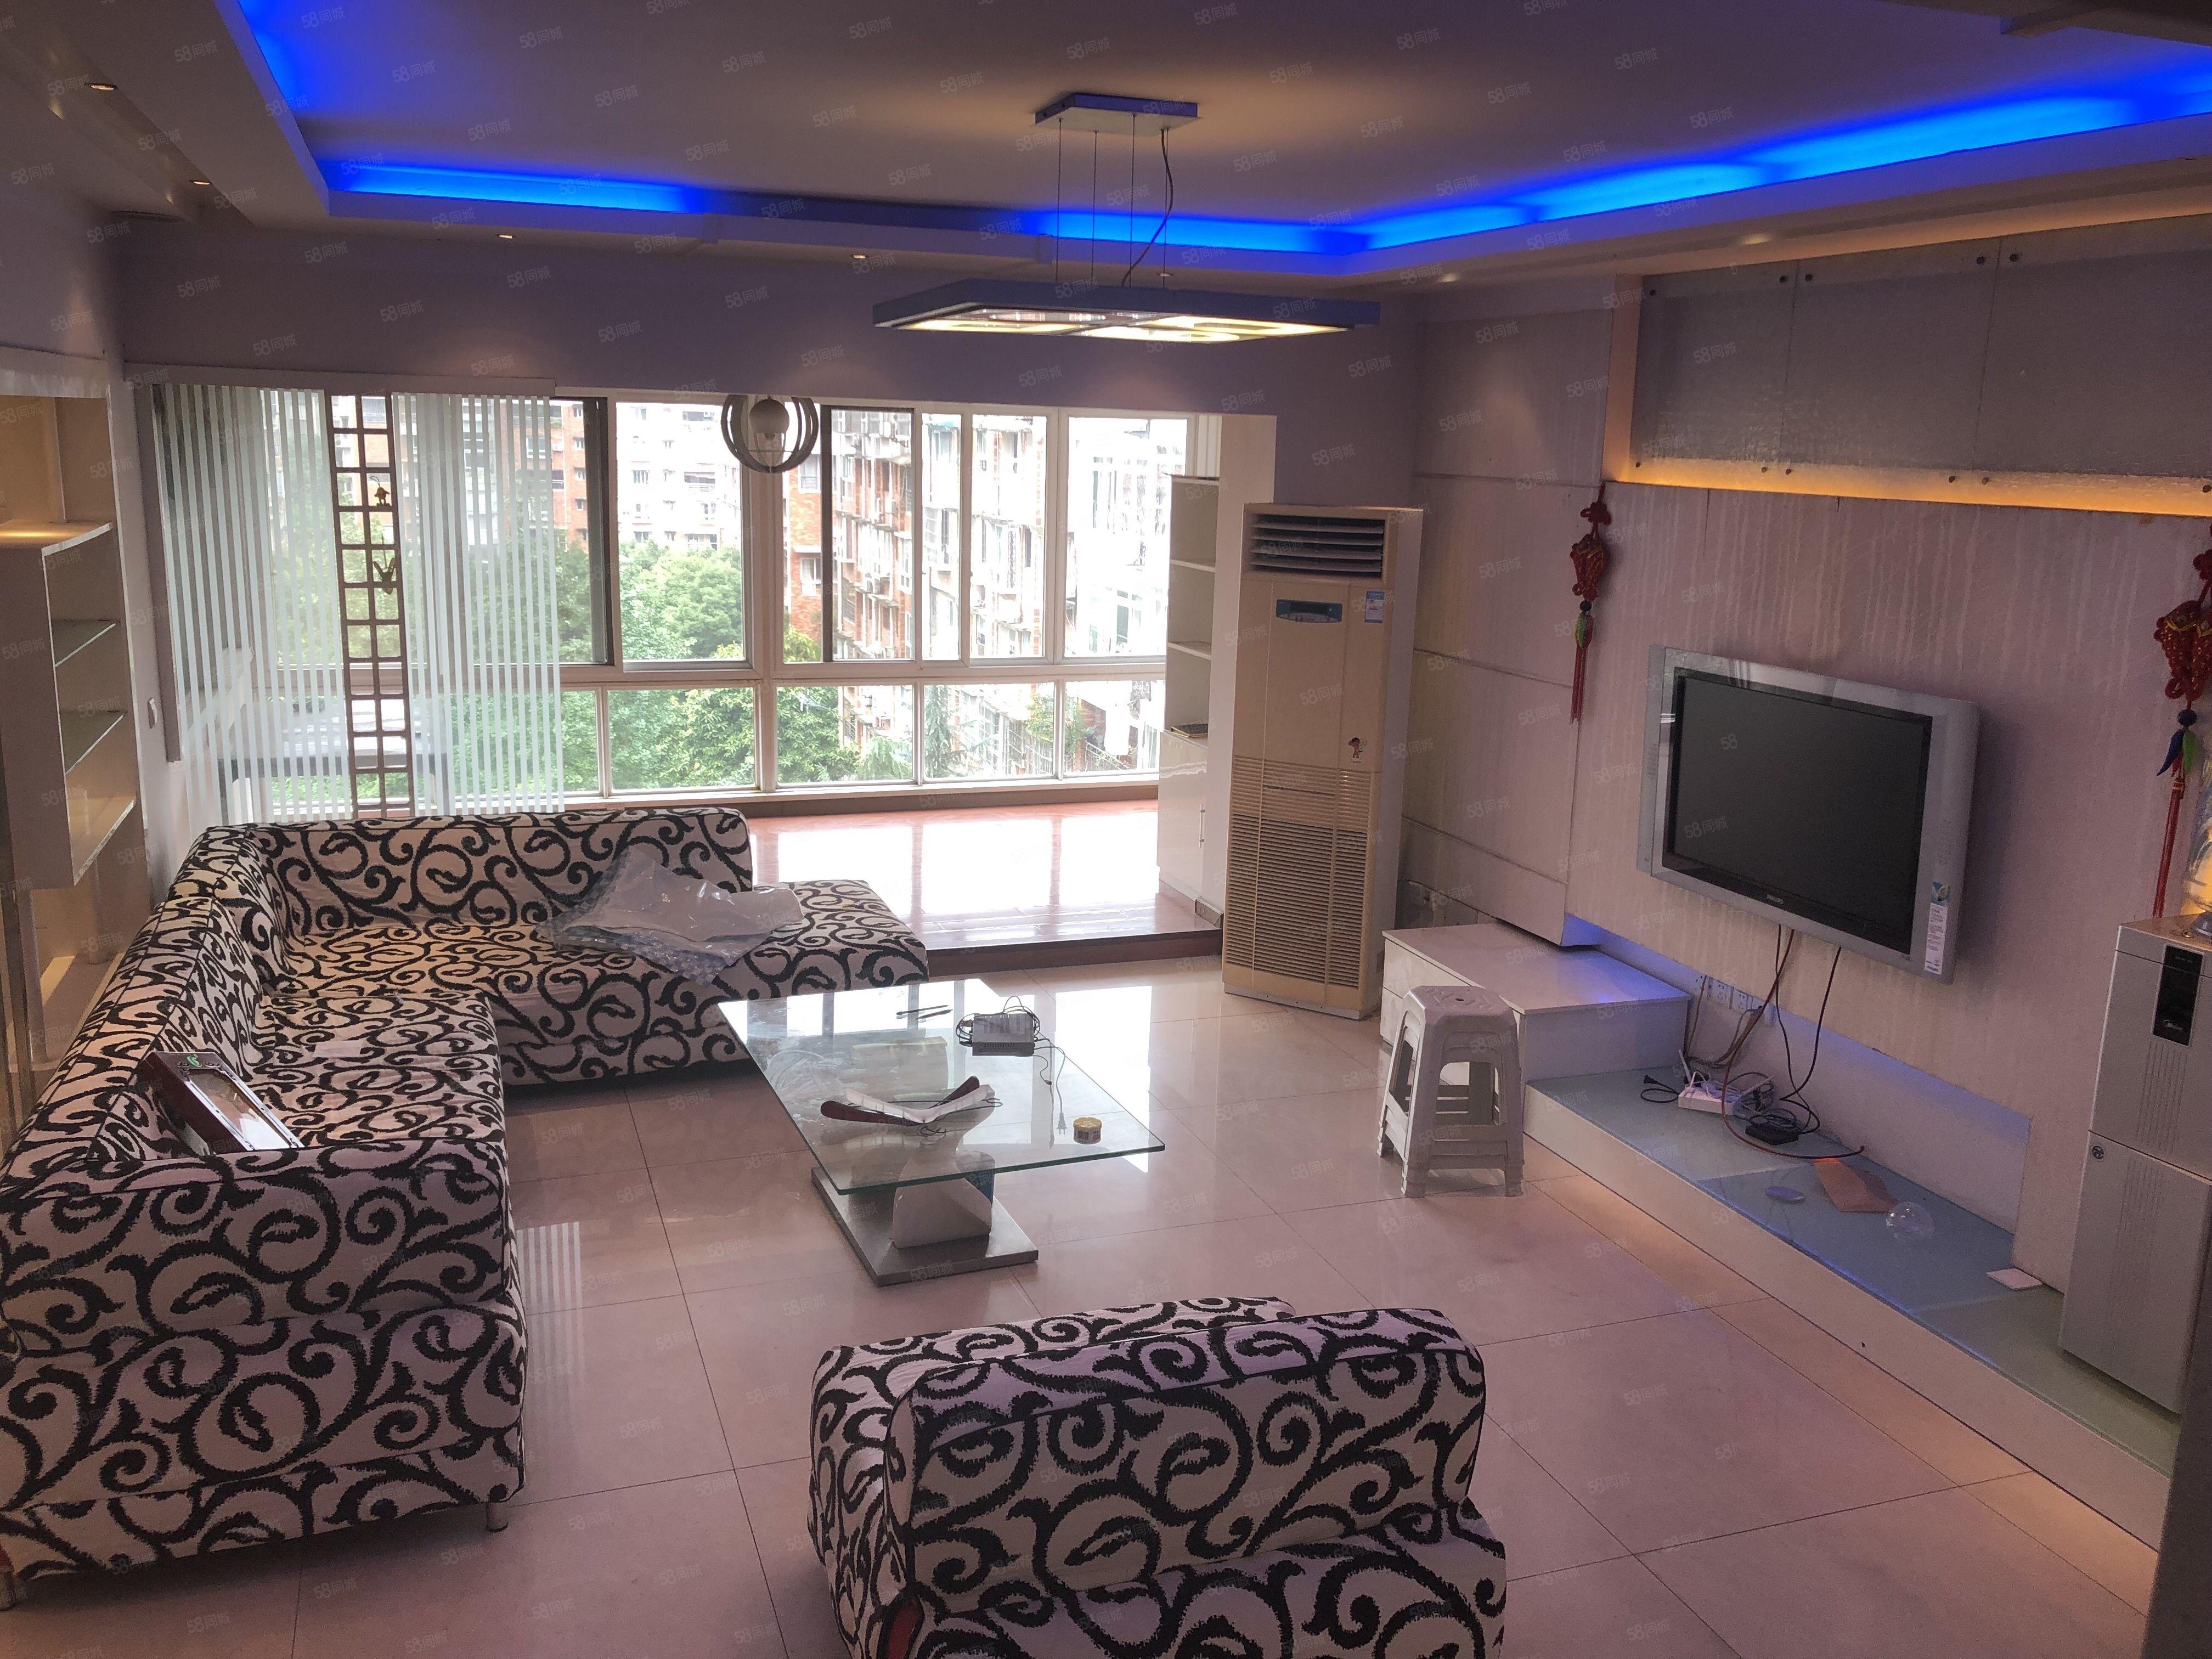 尚東國際時代家園精裝大兩室內躍帶獨立大陽臺首付十多萬就是你家